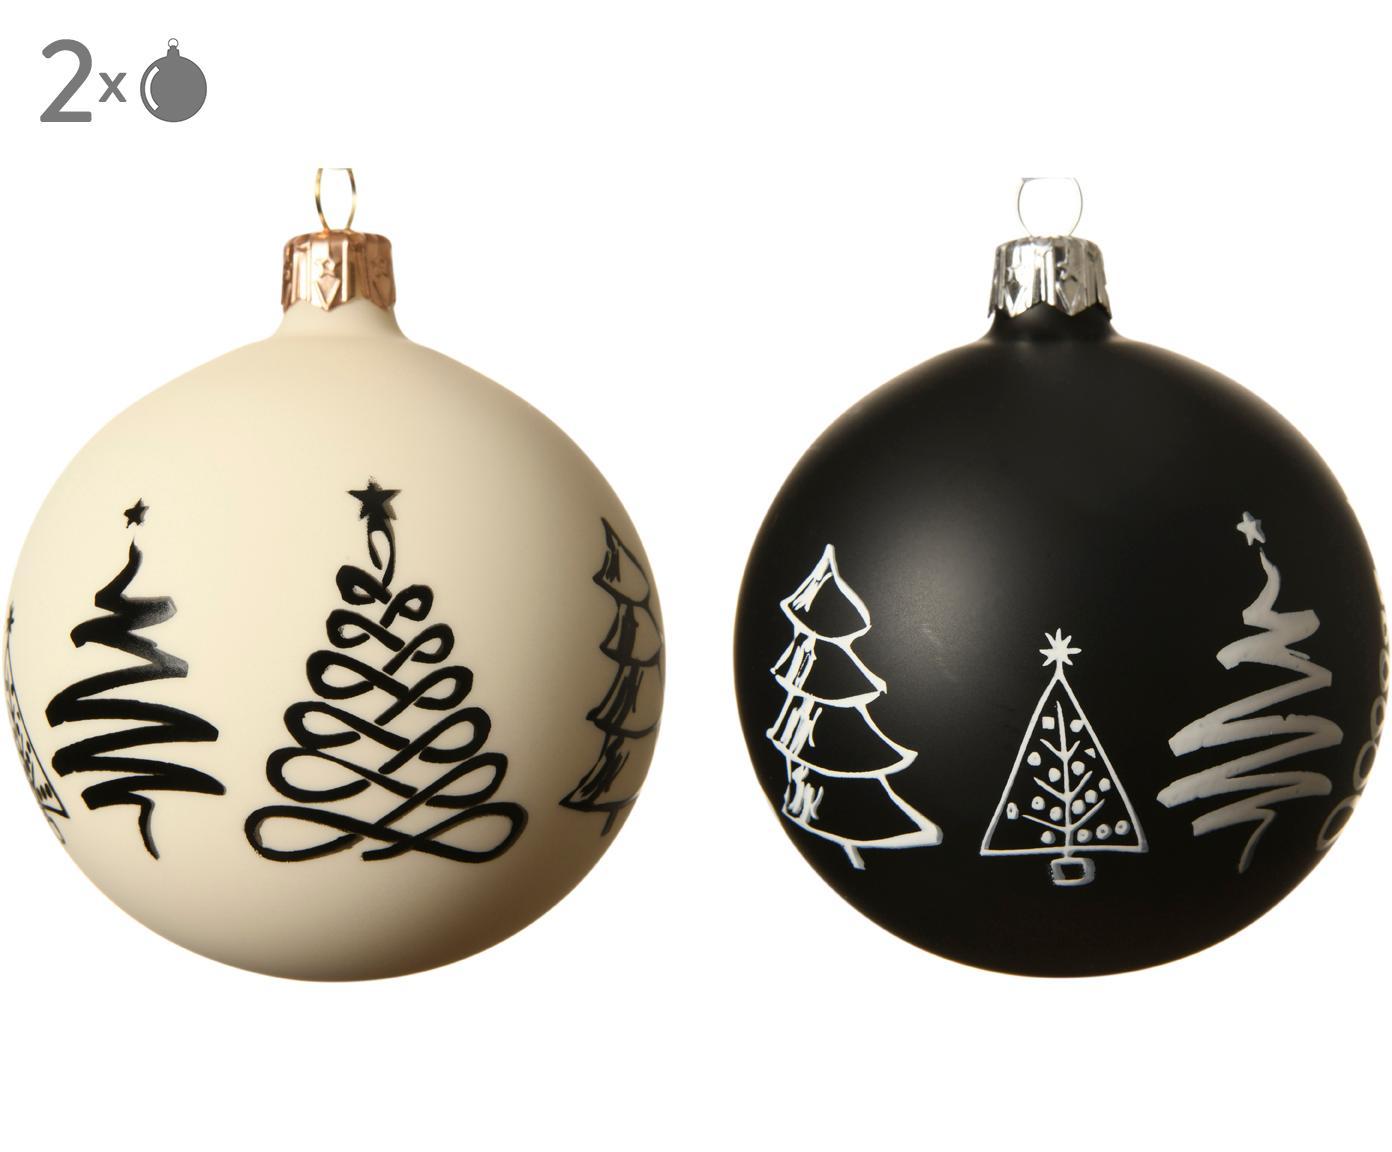 Kerstballenset Cartoony, 2-delig, Glas, Wit, zwart, Ø 8 cm